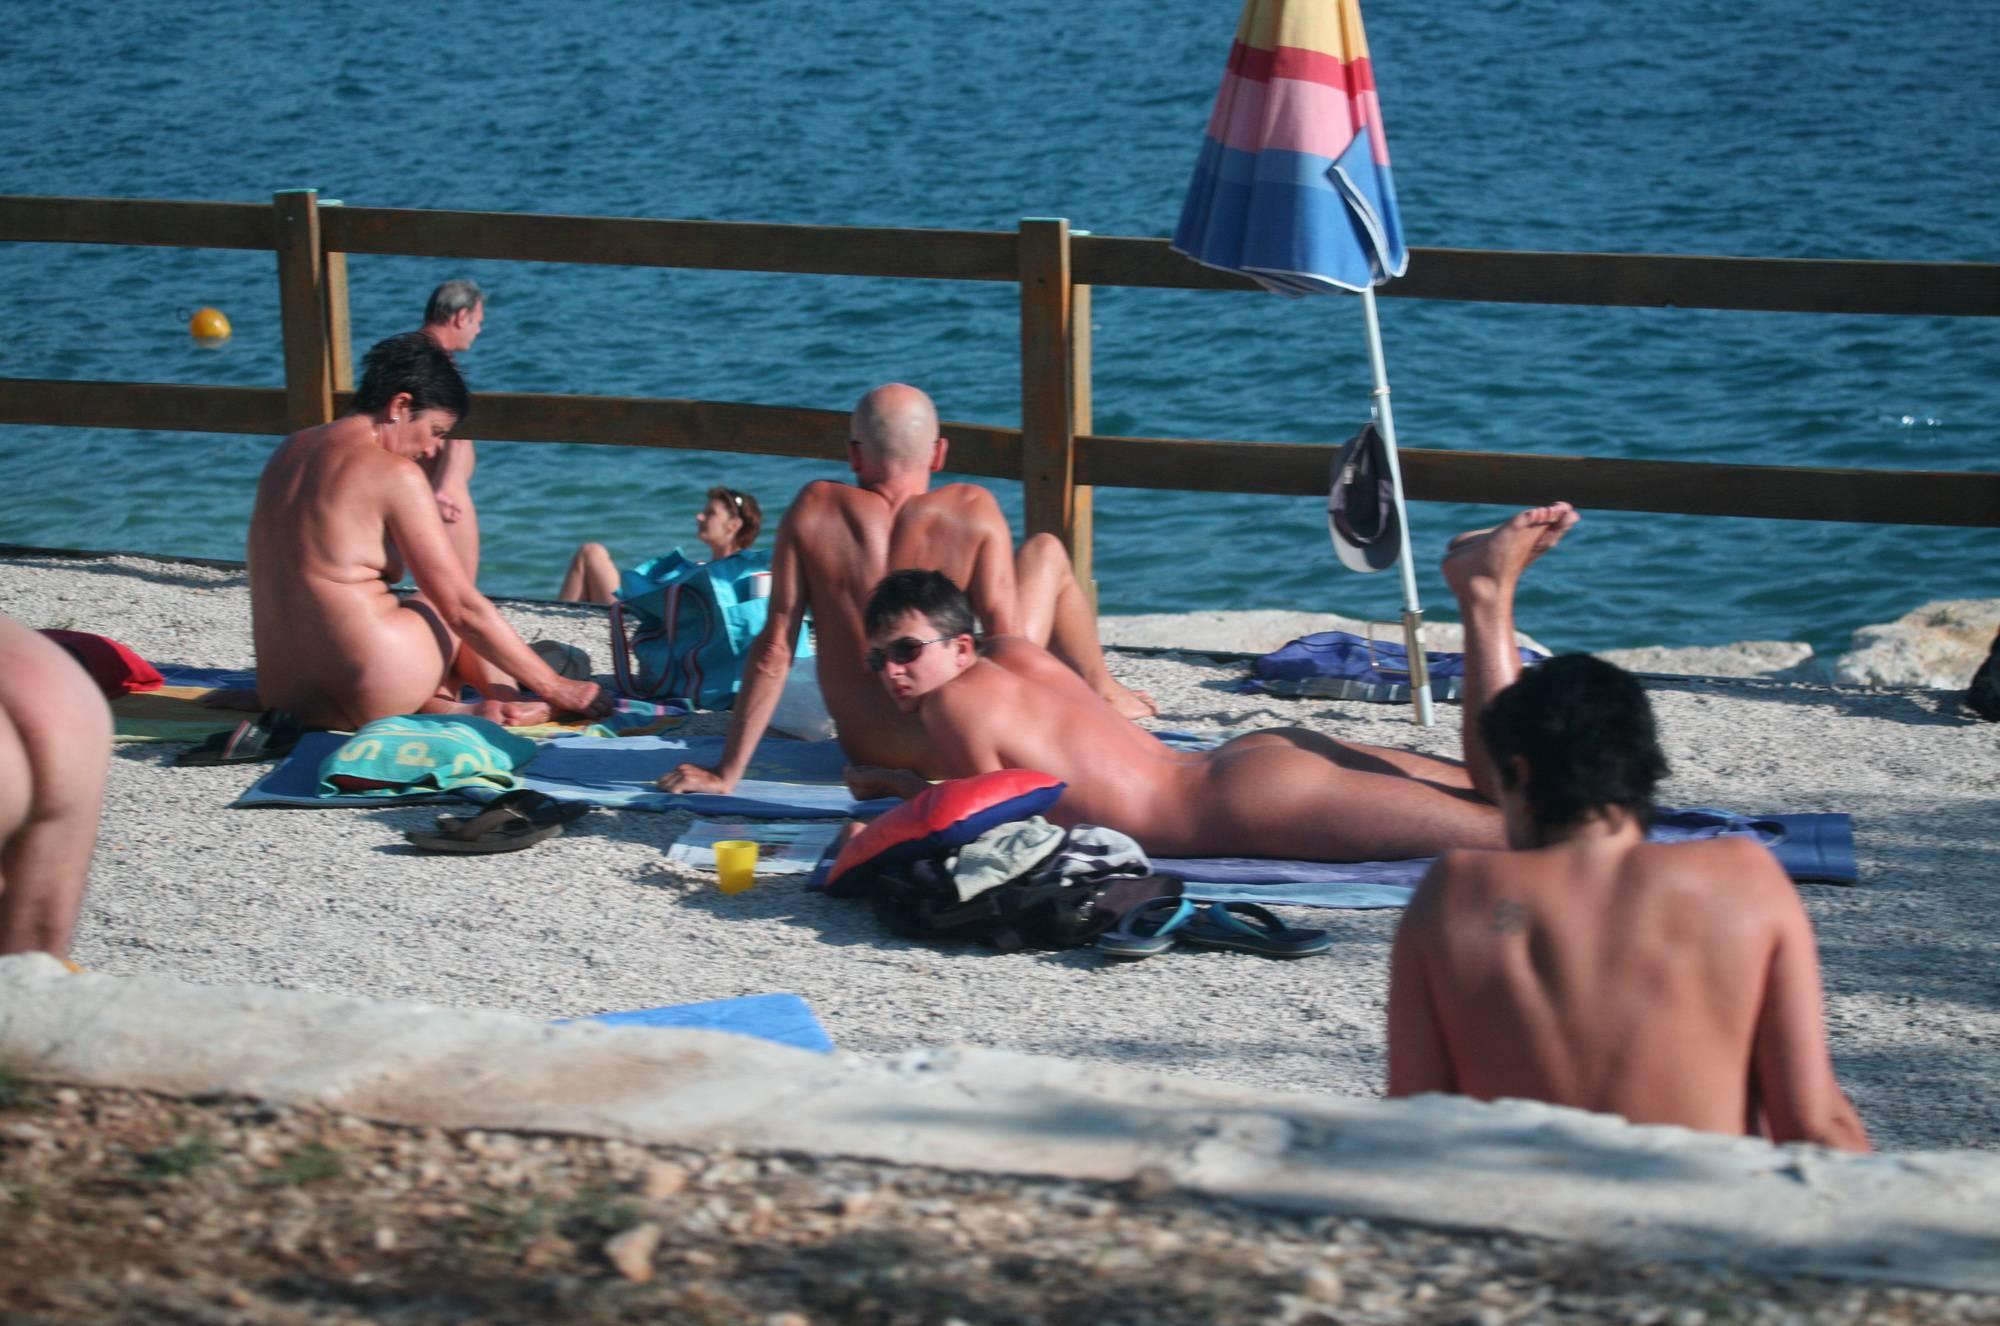 Nudist Pictures Nora FKK Beach Visitors - 2